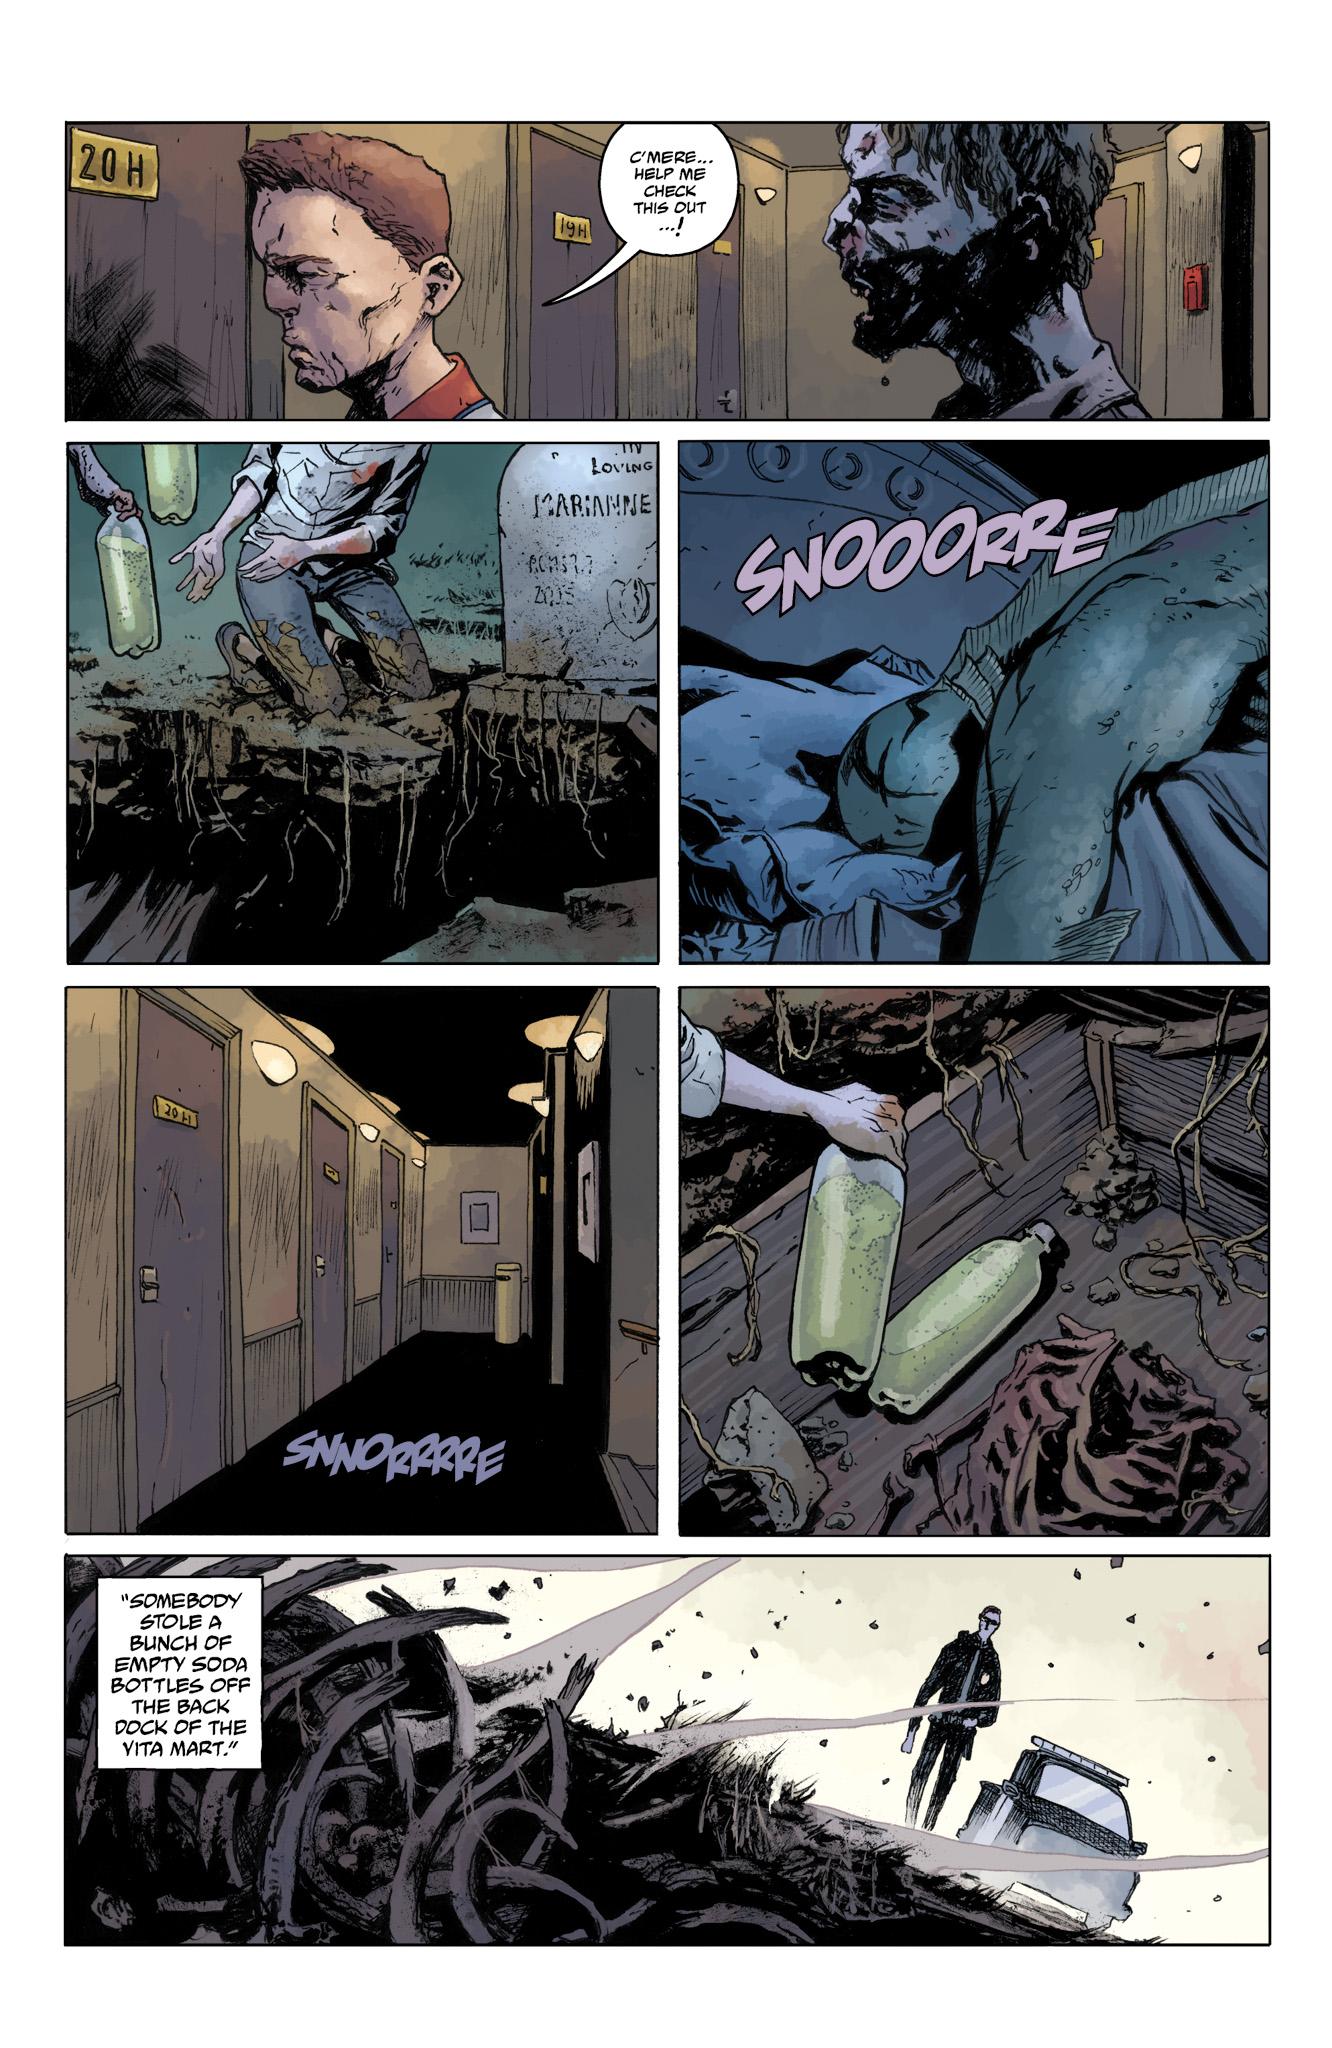 Read online Abe Sapien comic -  Issue #10 - 20